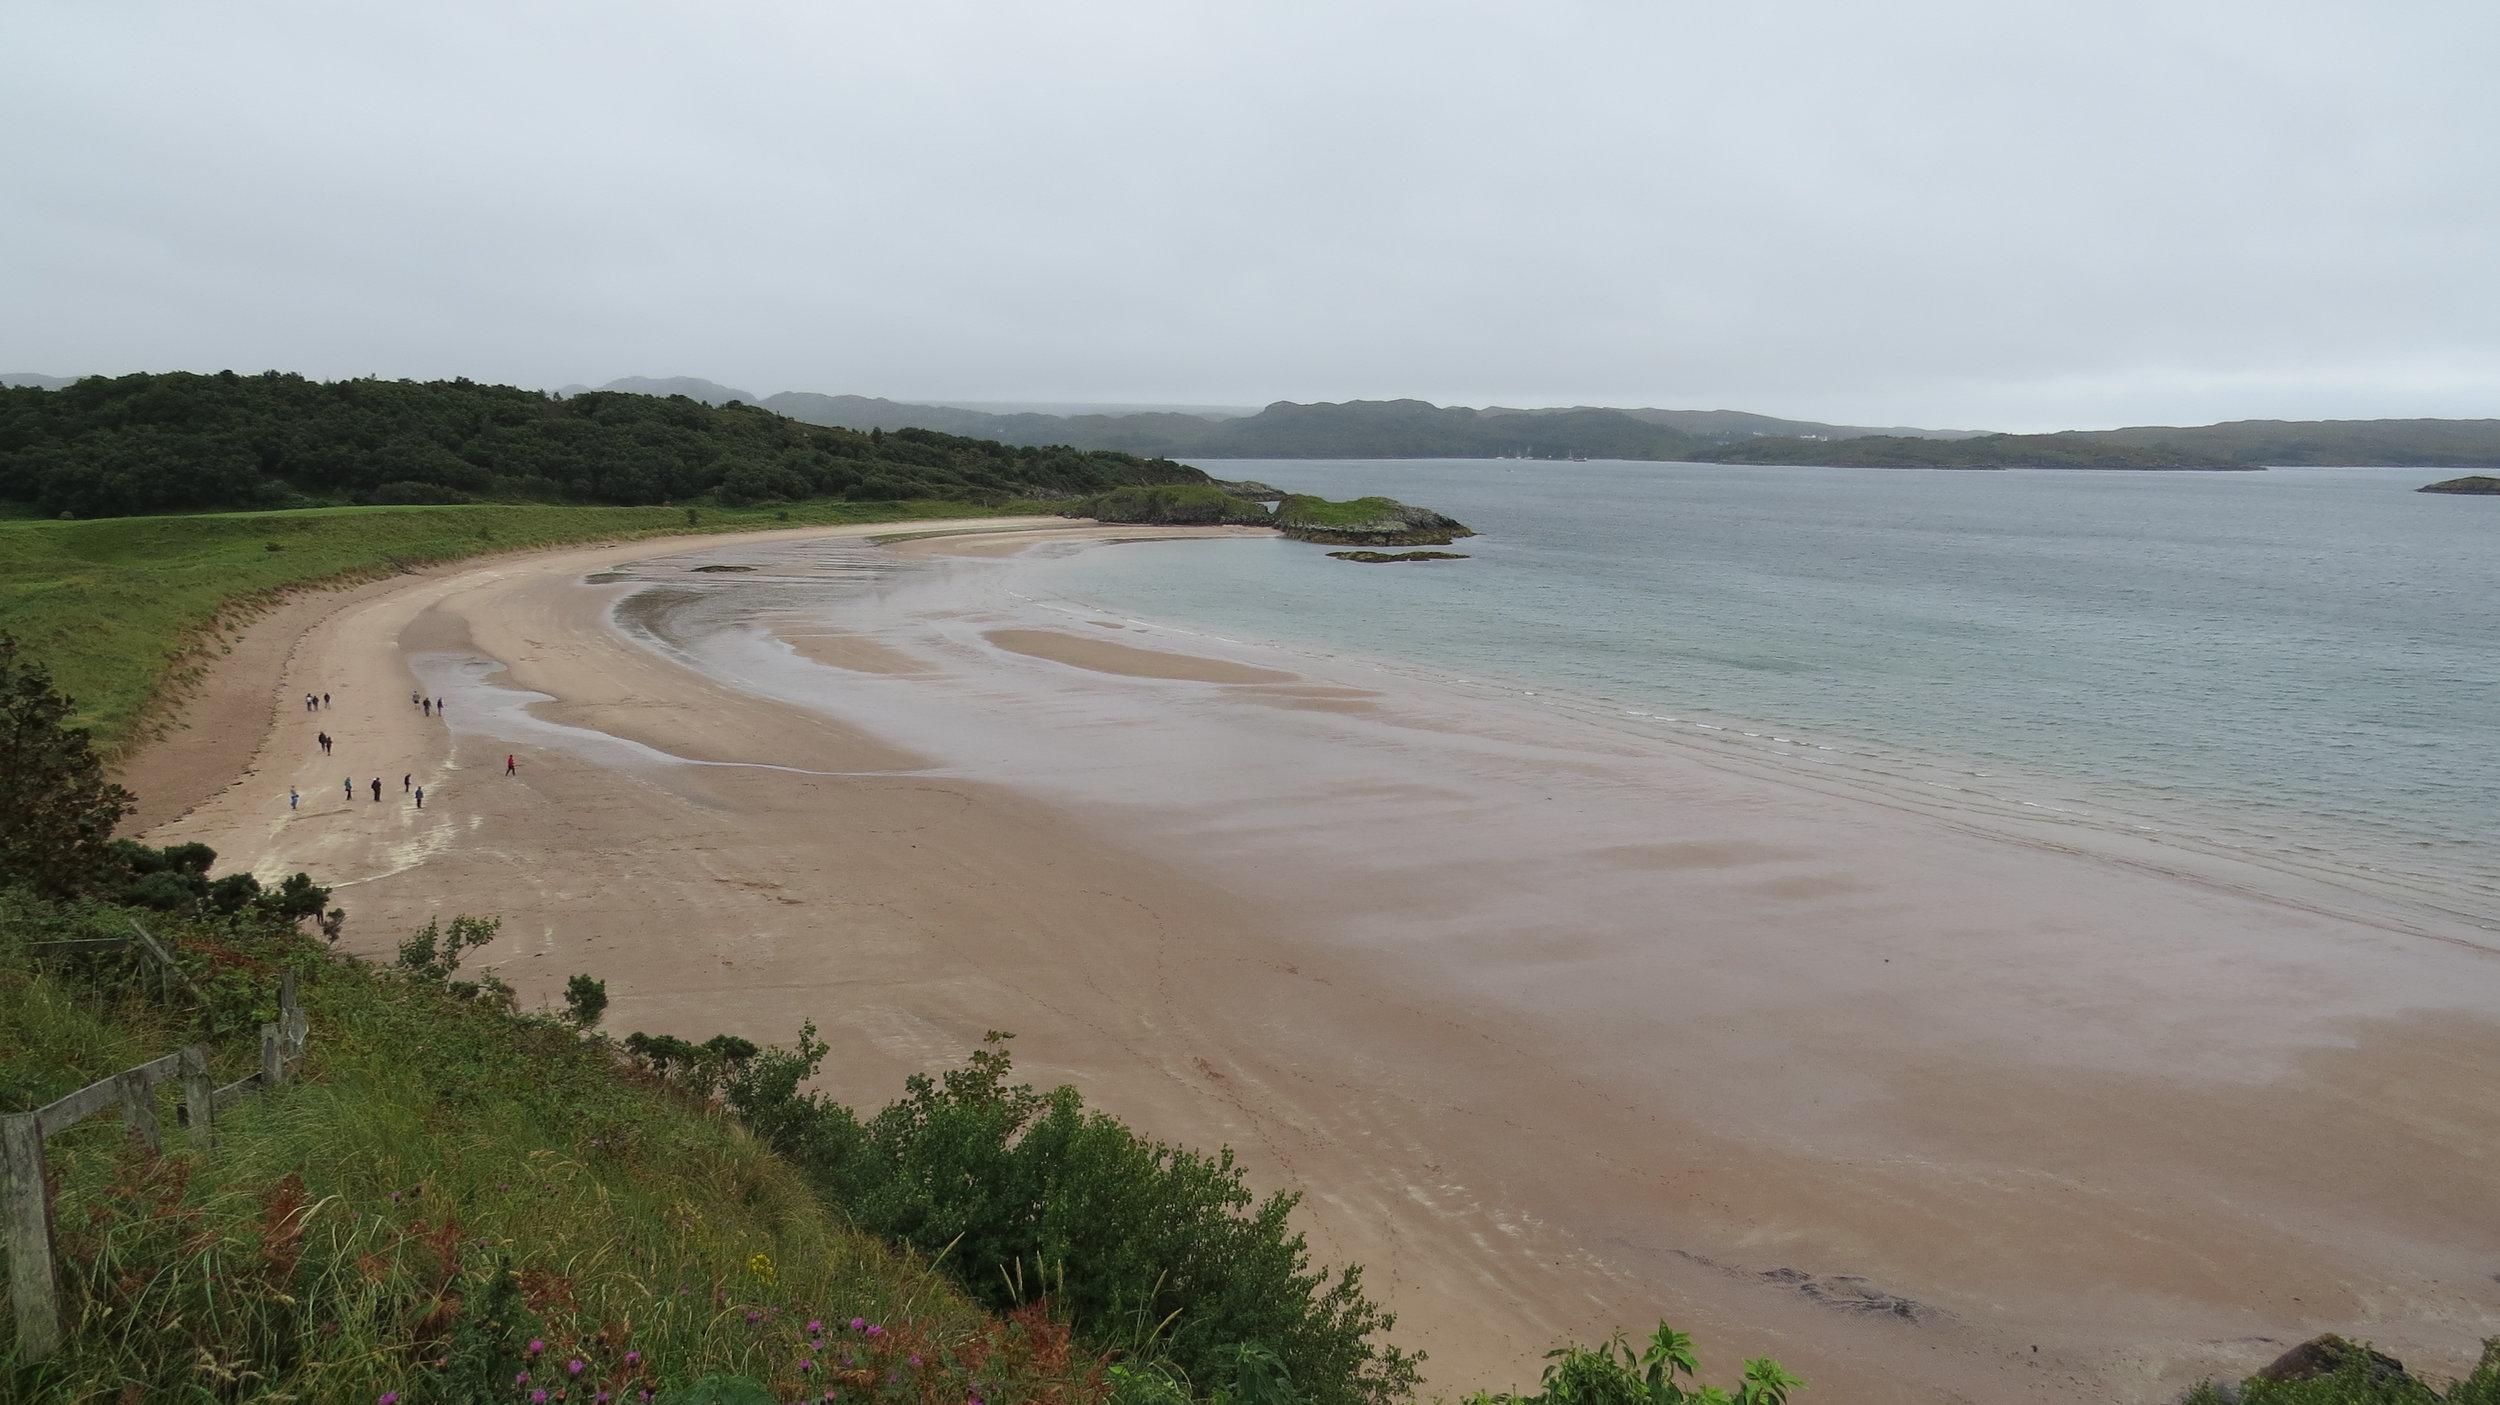 Strath Bay